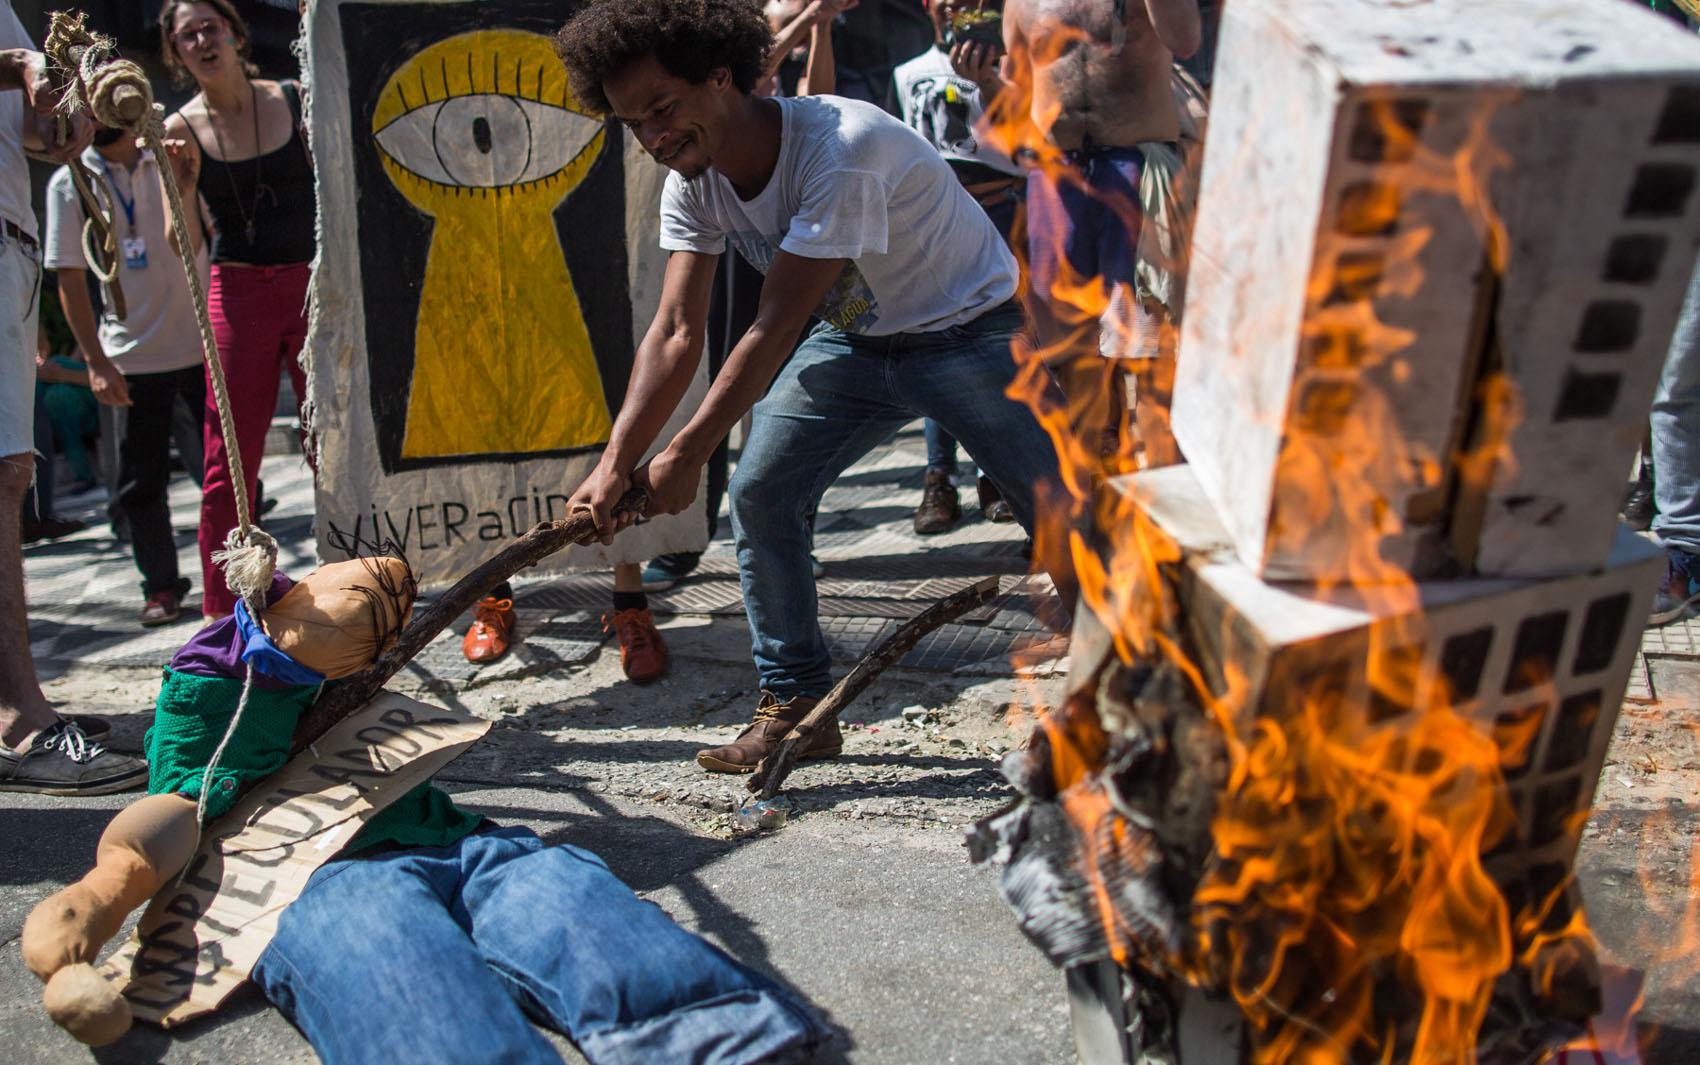 Ativistas incendeiam a maquete de um prédio e um boneco com o nome de 'Especulação' e protestam contra a reintegração de posse do Parque Augusta